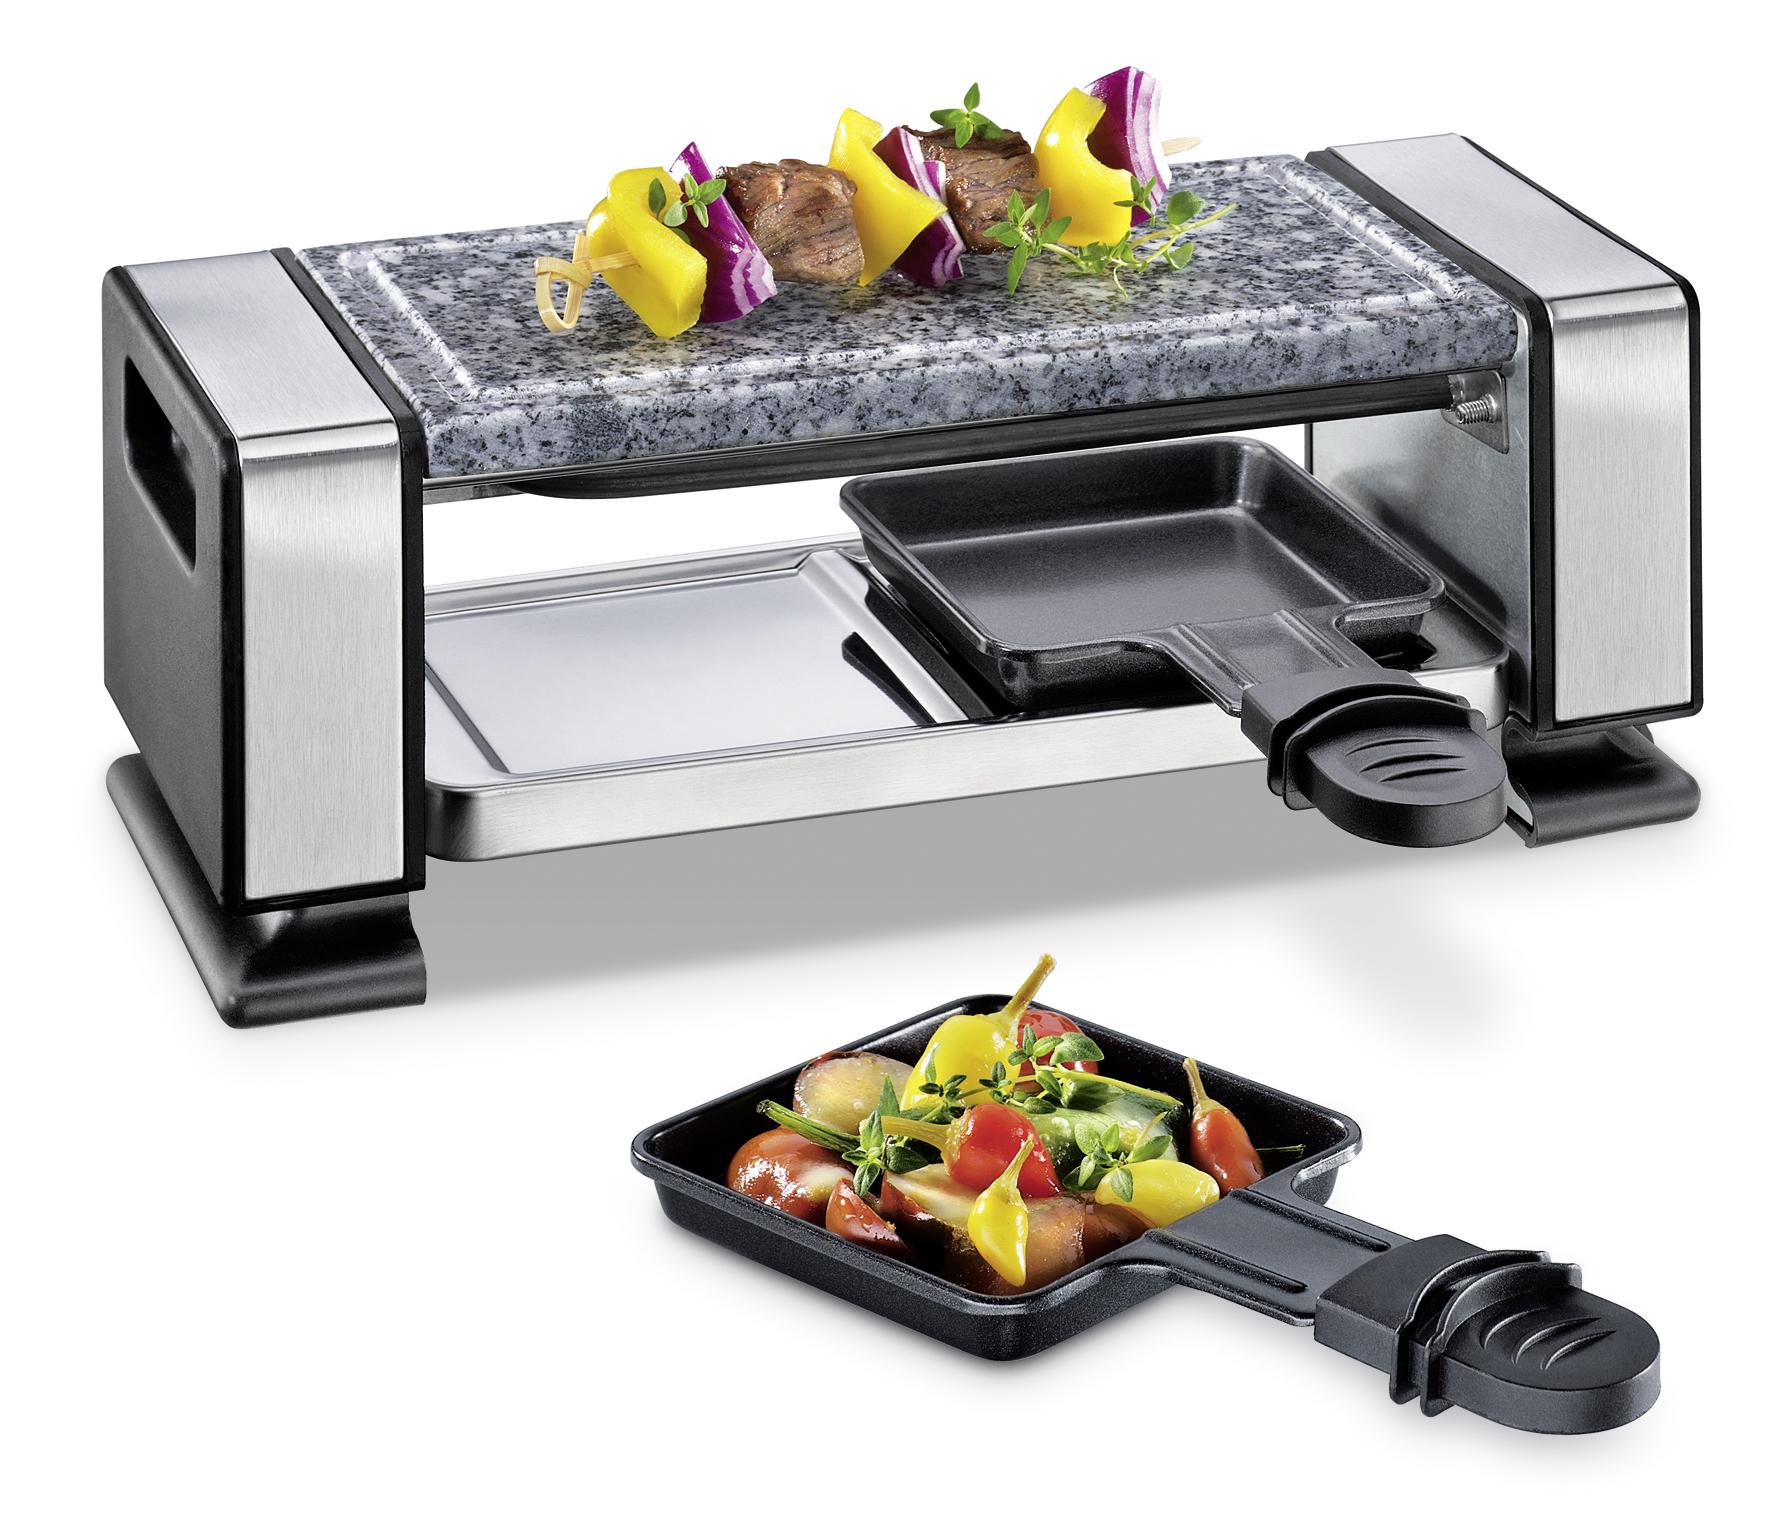 Küchengeräte | Retro Design für die Küche online bei NIK